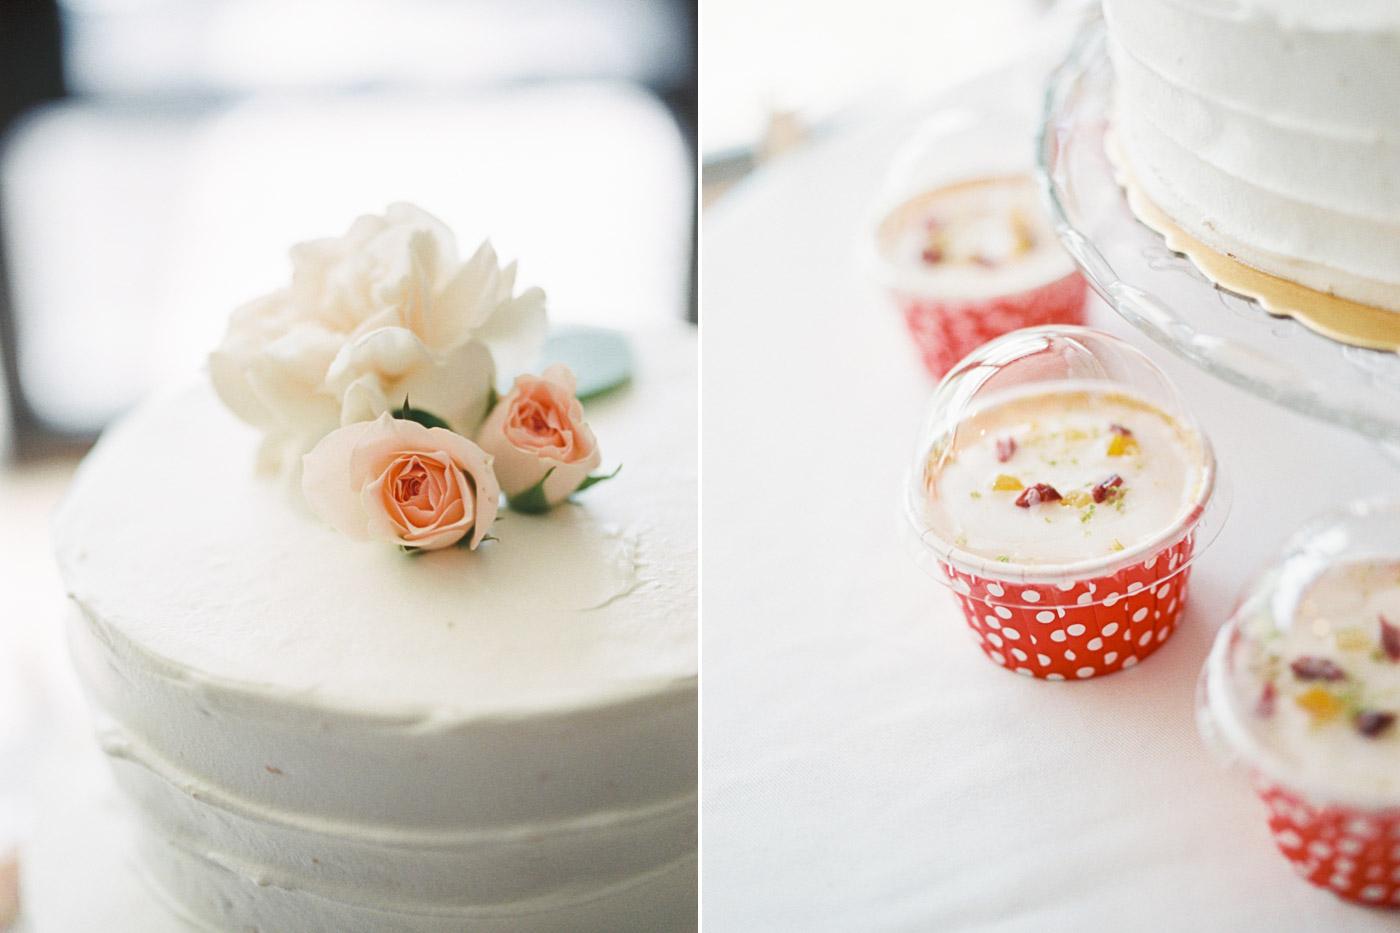 戶外證婚 納美花園 美式婚禮 美式婚紗 陽明山婚禮